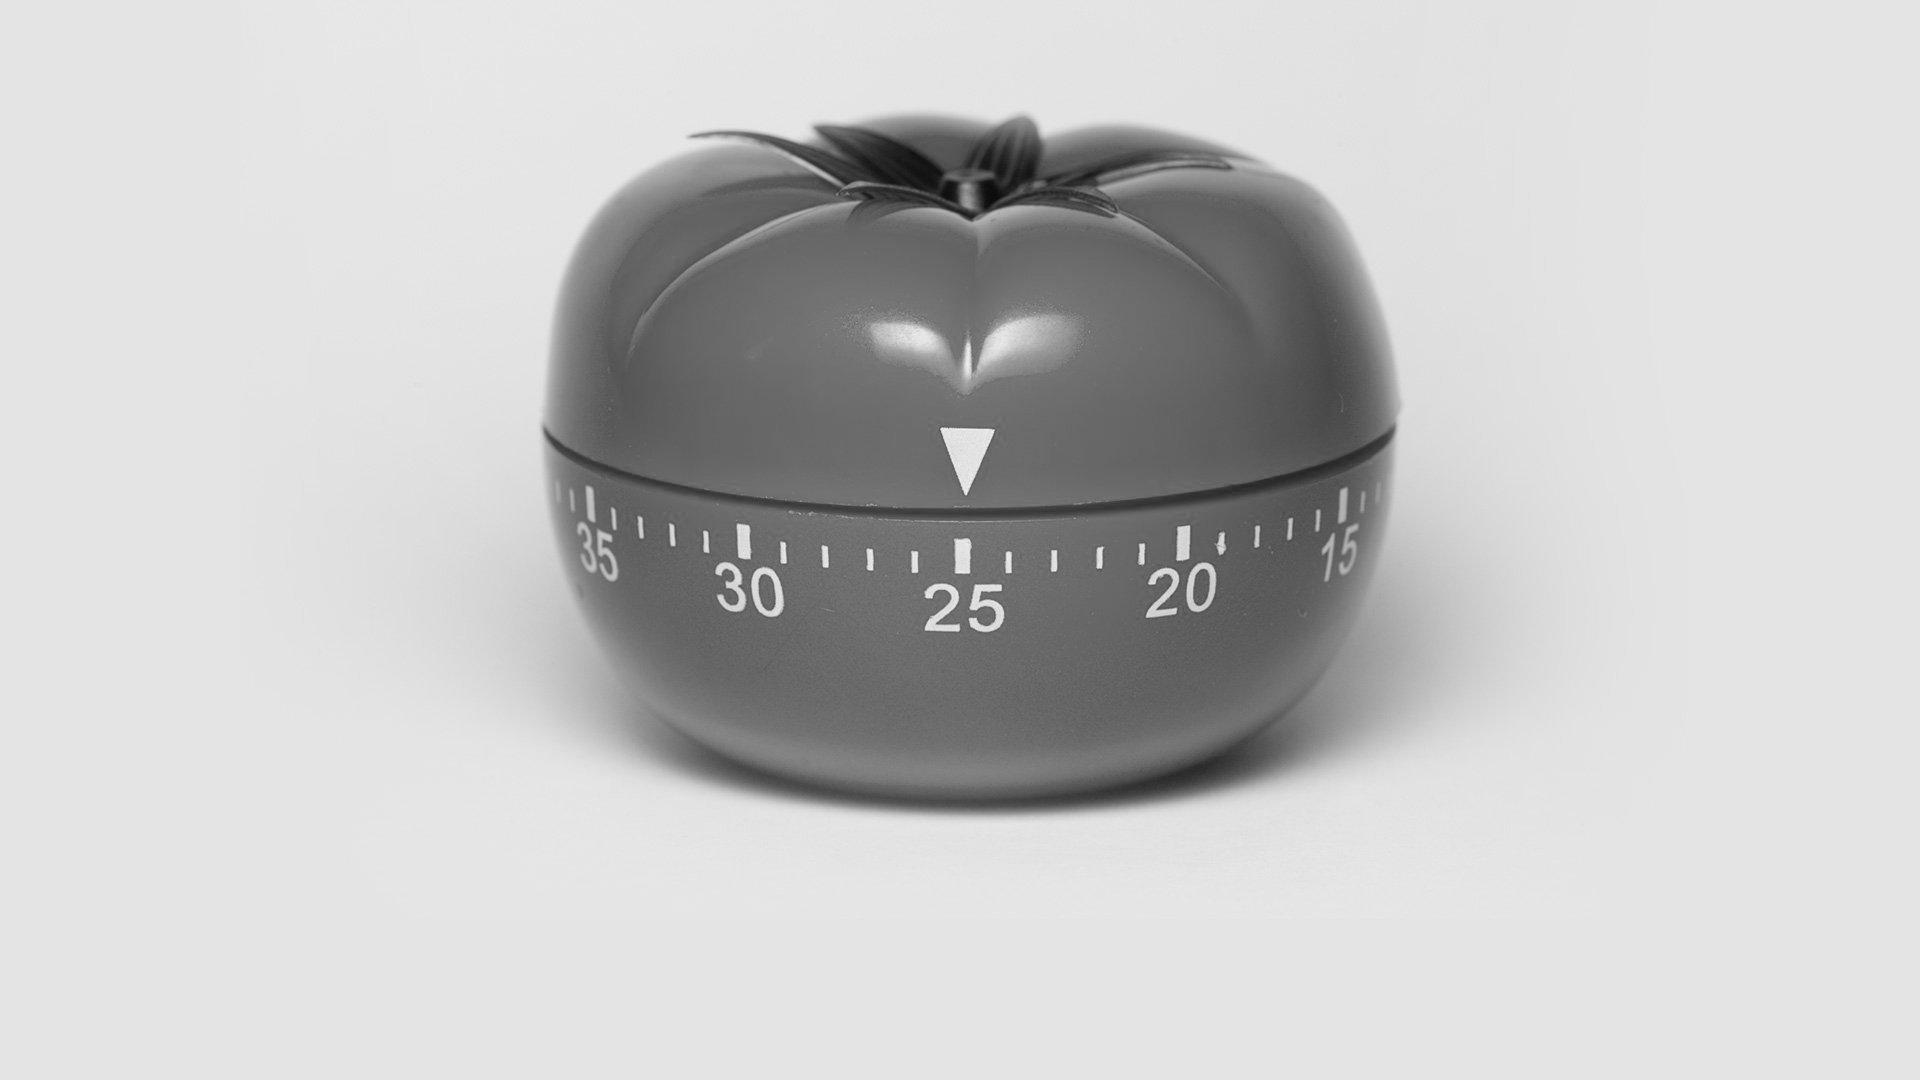 The pomodoro timer.